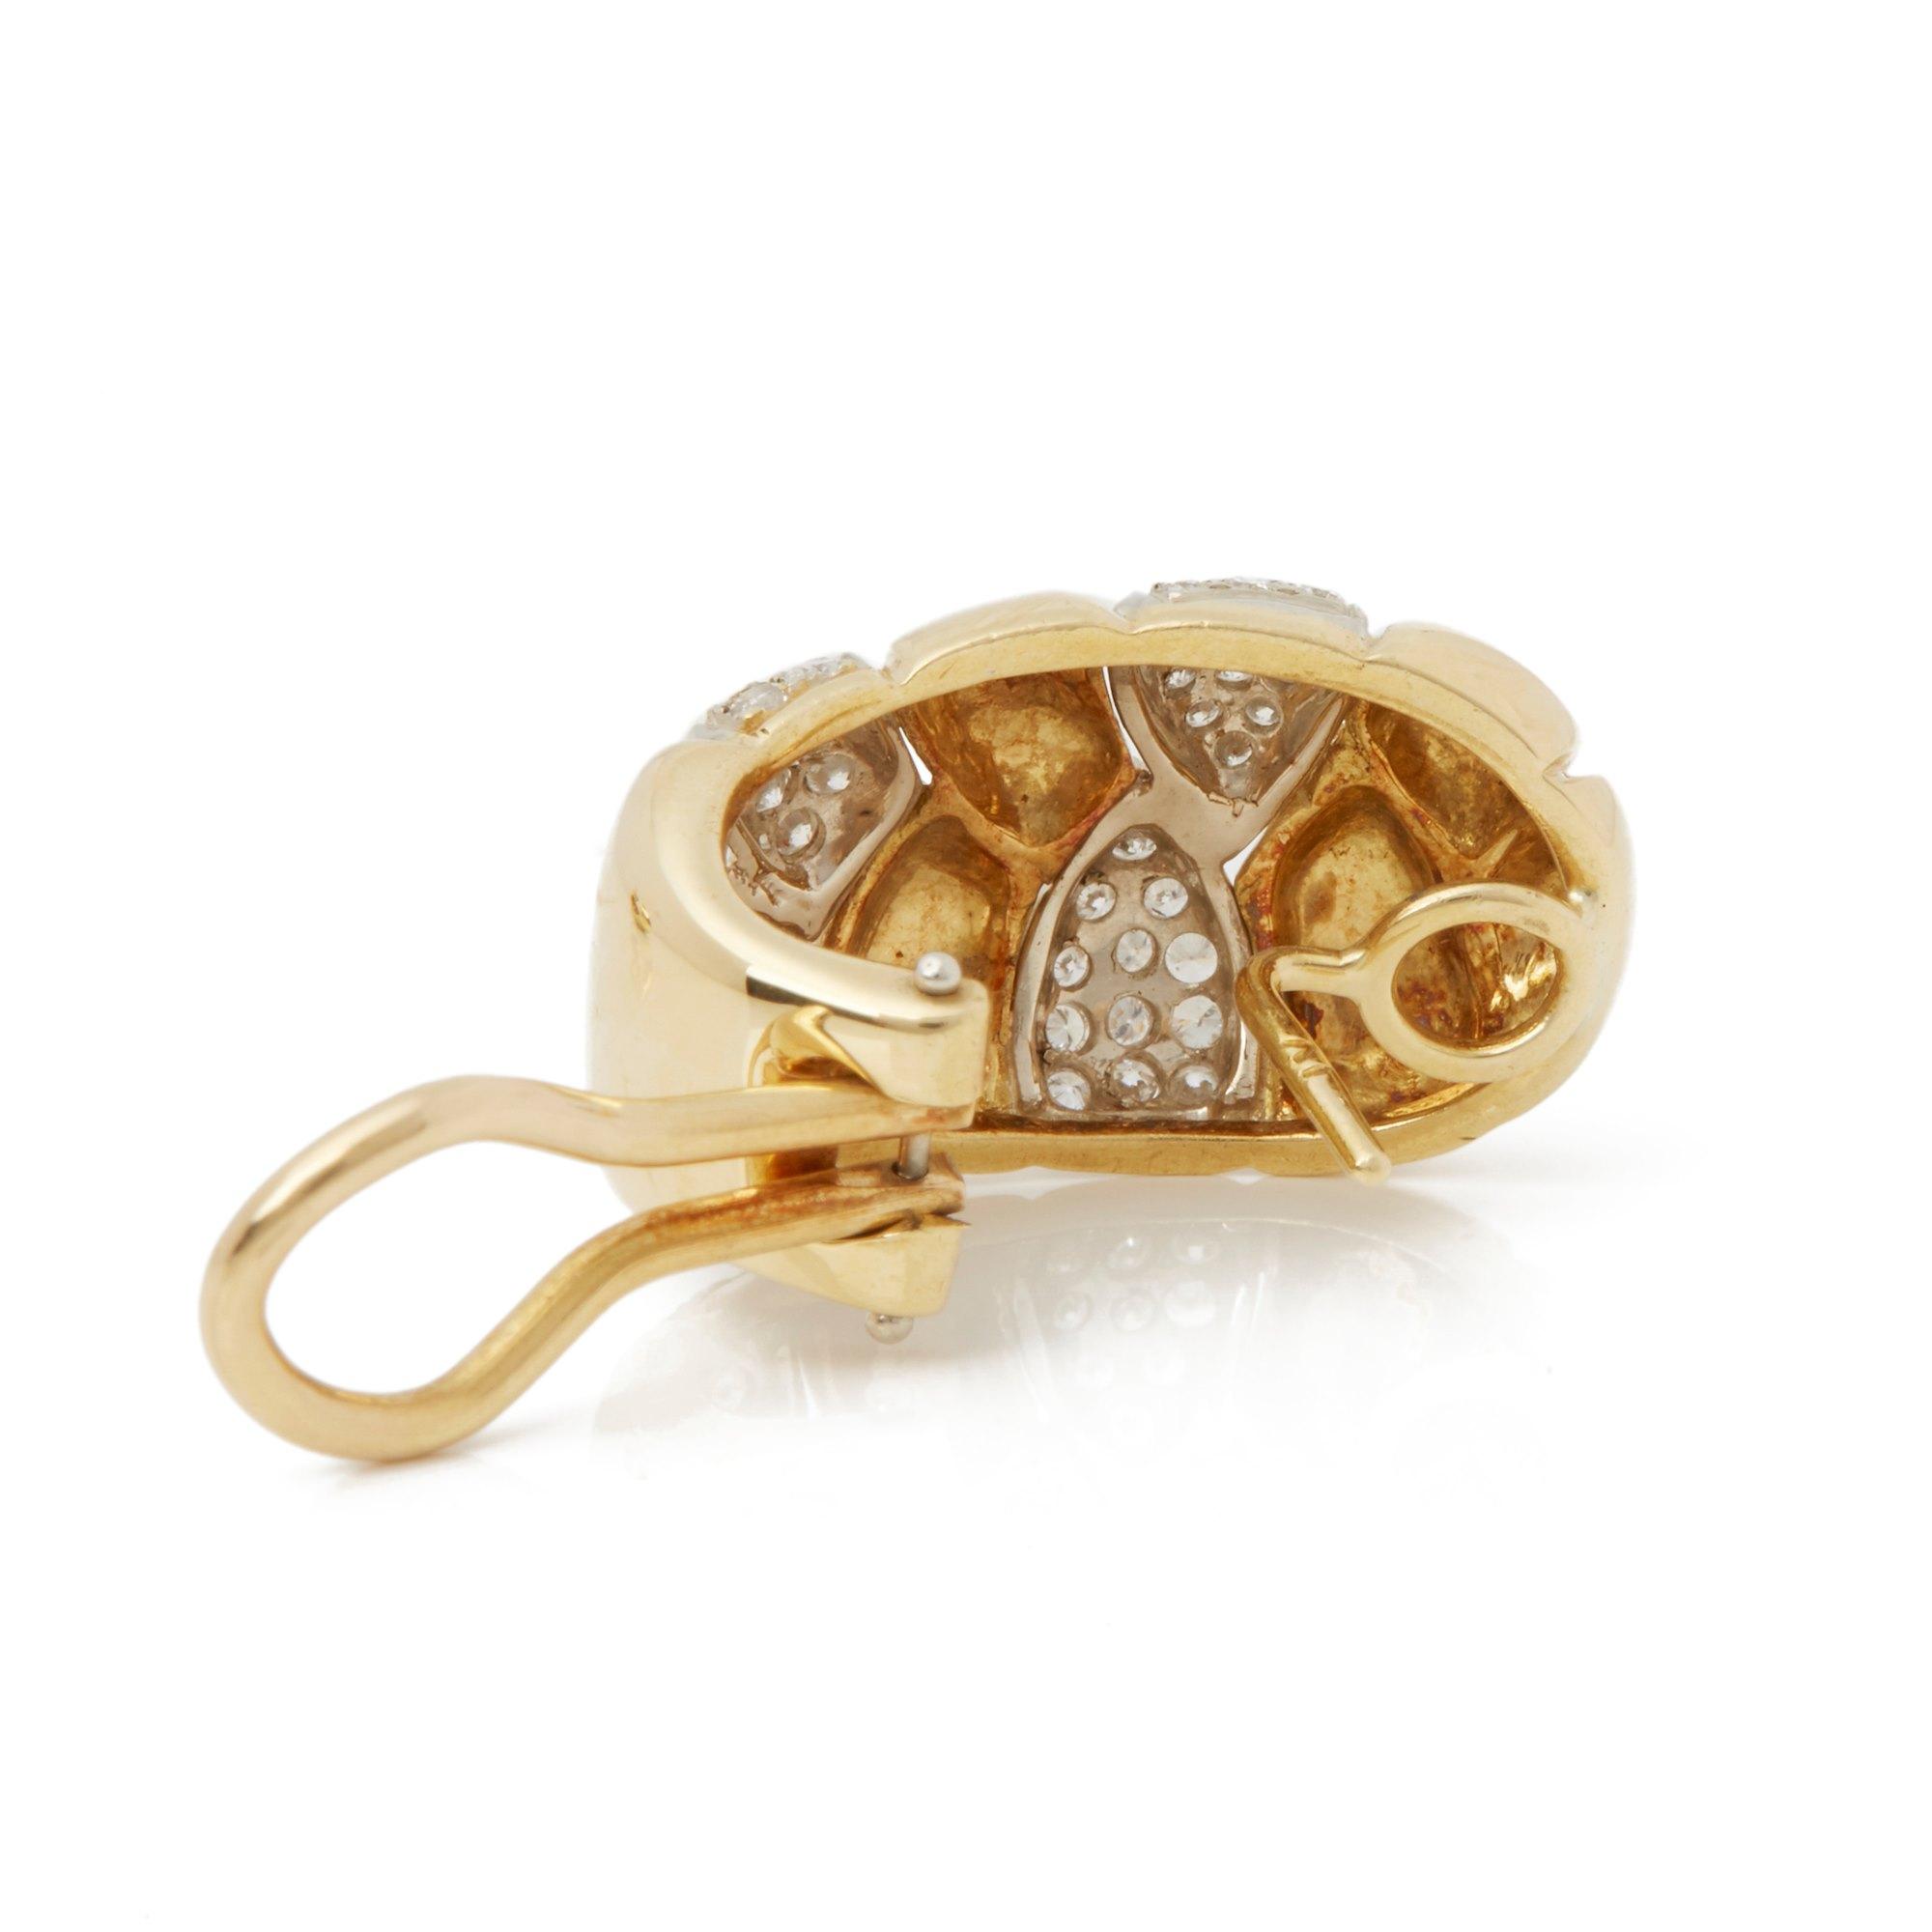 Cartier 18k Yellow Gold Diamond Vintage Earrings